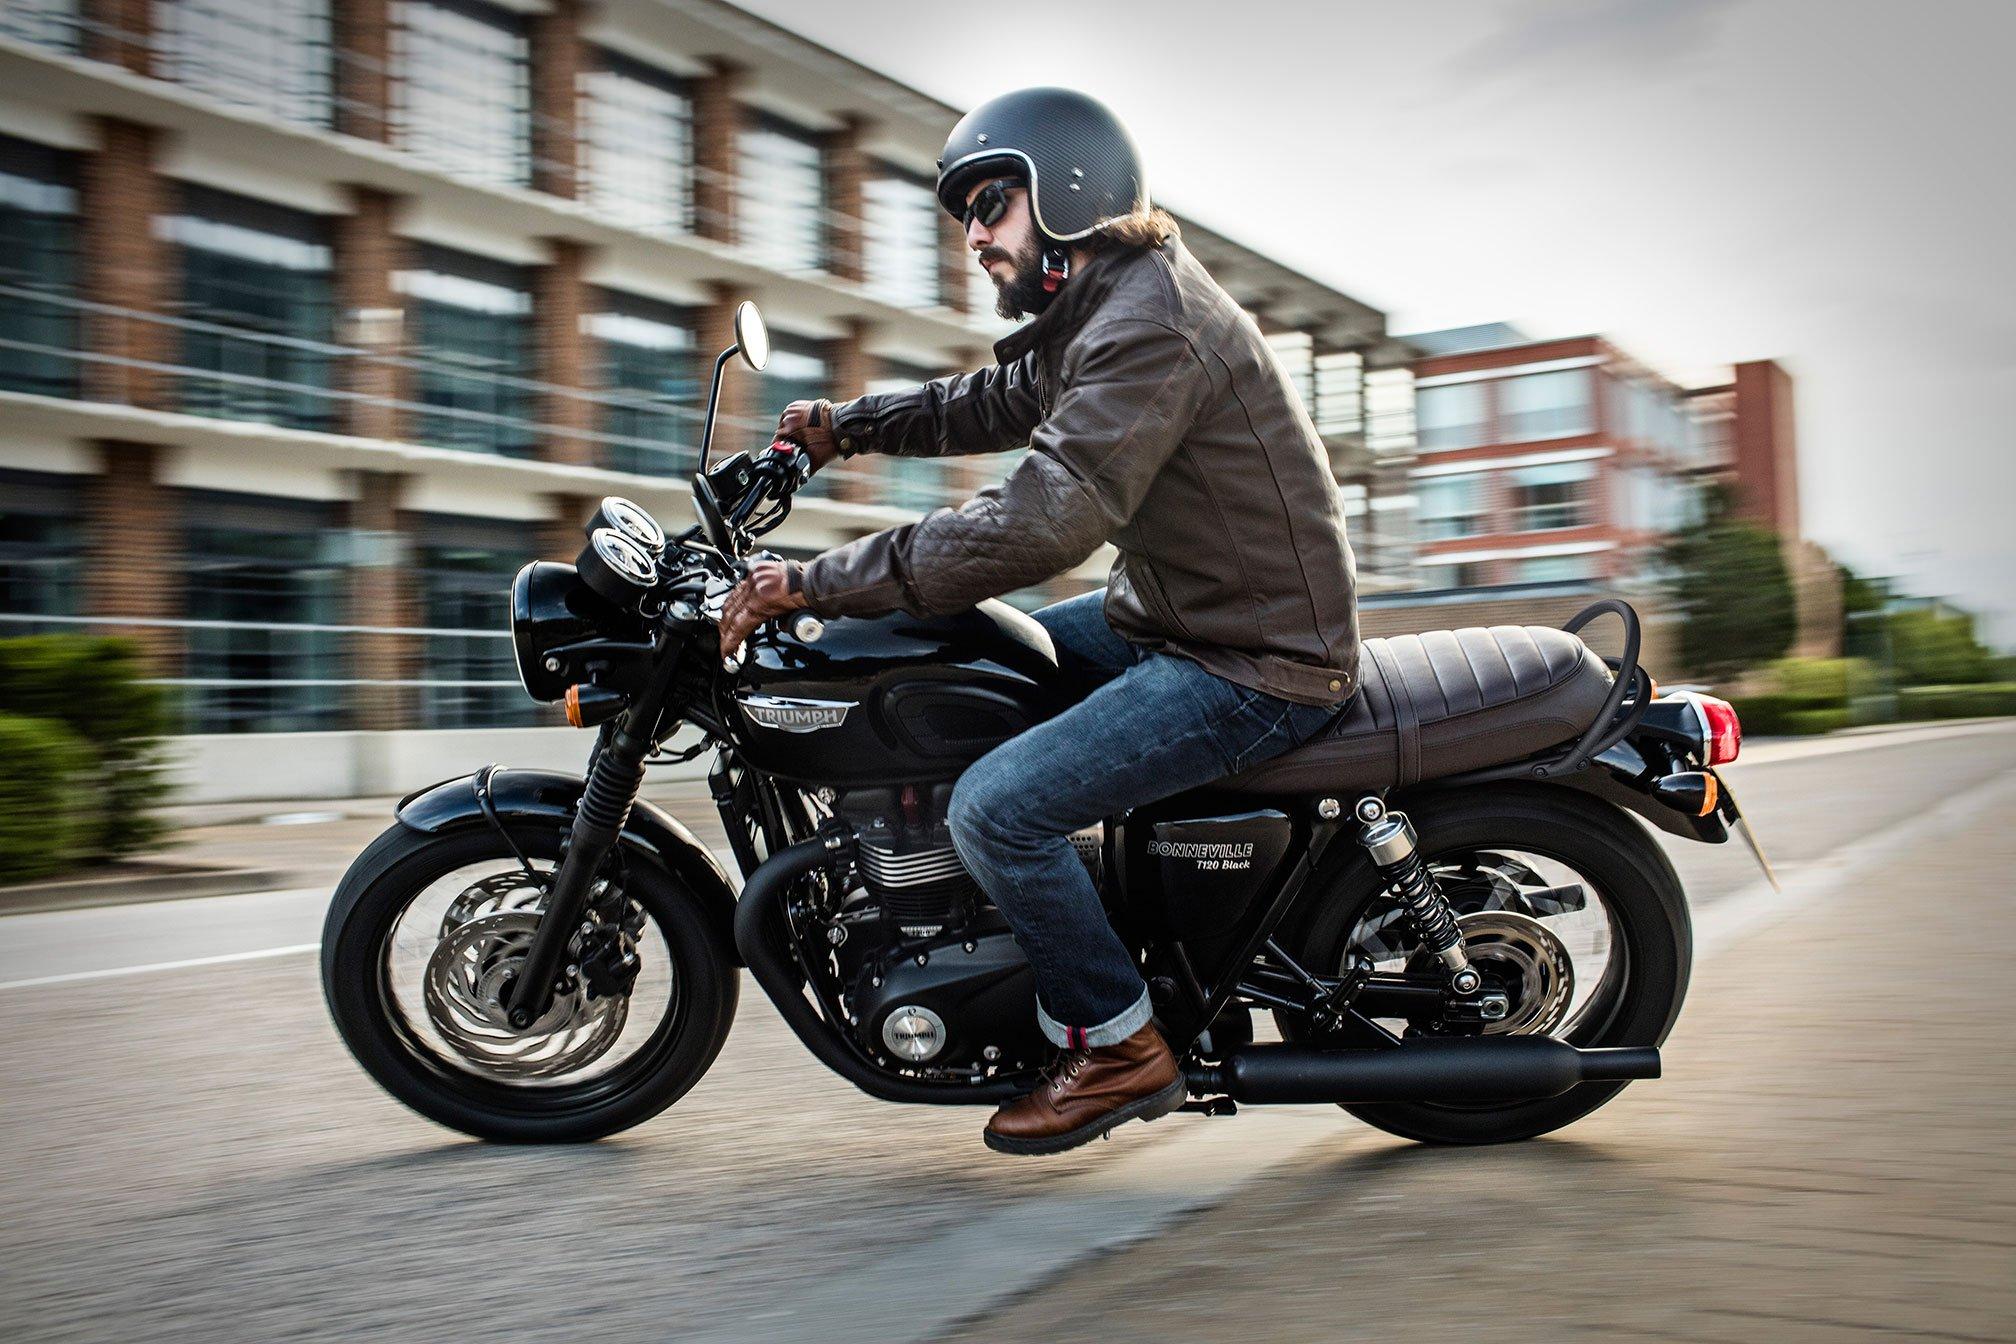 2016 triumph bonneville t120 black bike motorbike motorcycle